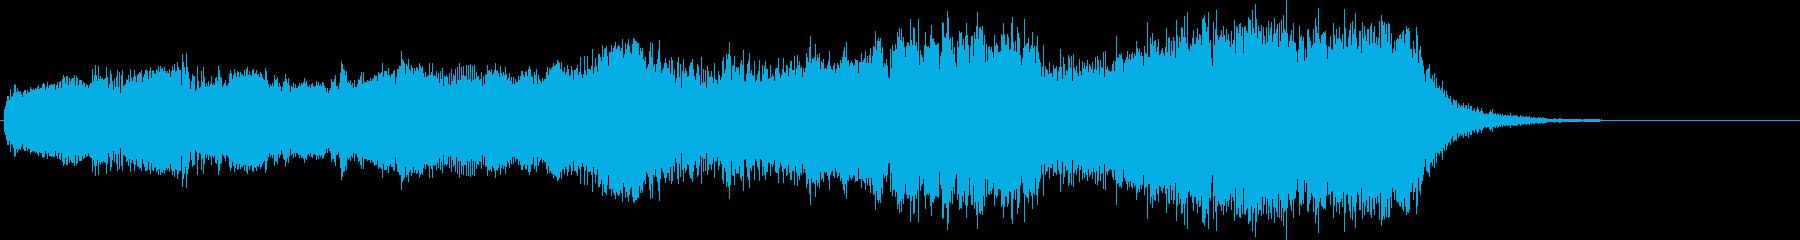 ファンタジーRPGのゲームオーバーを想…の再生済みの波形